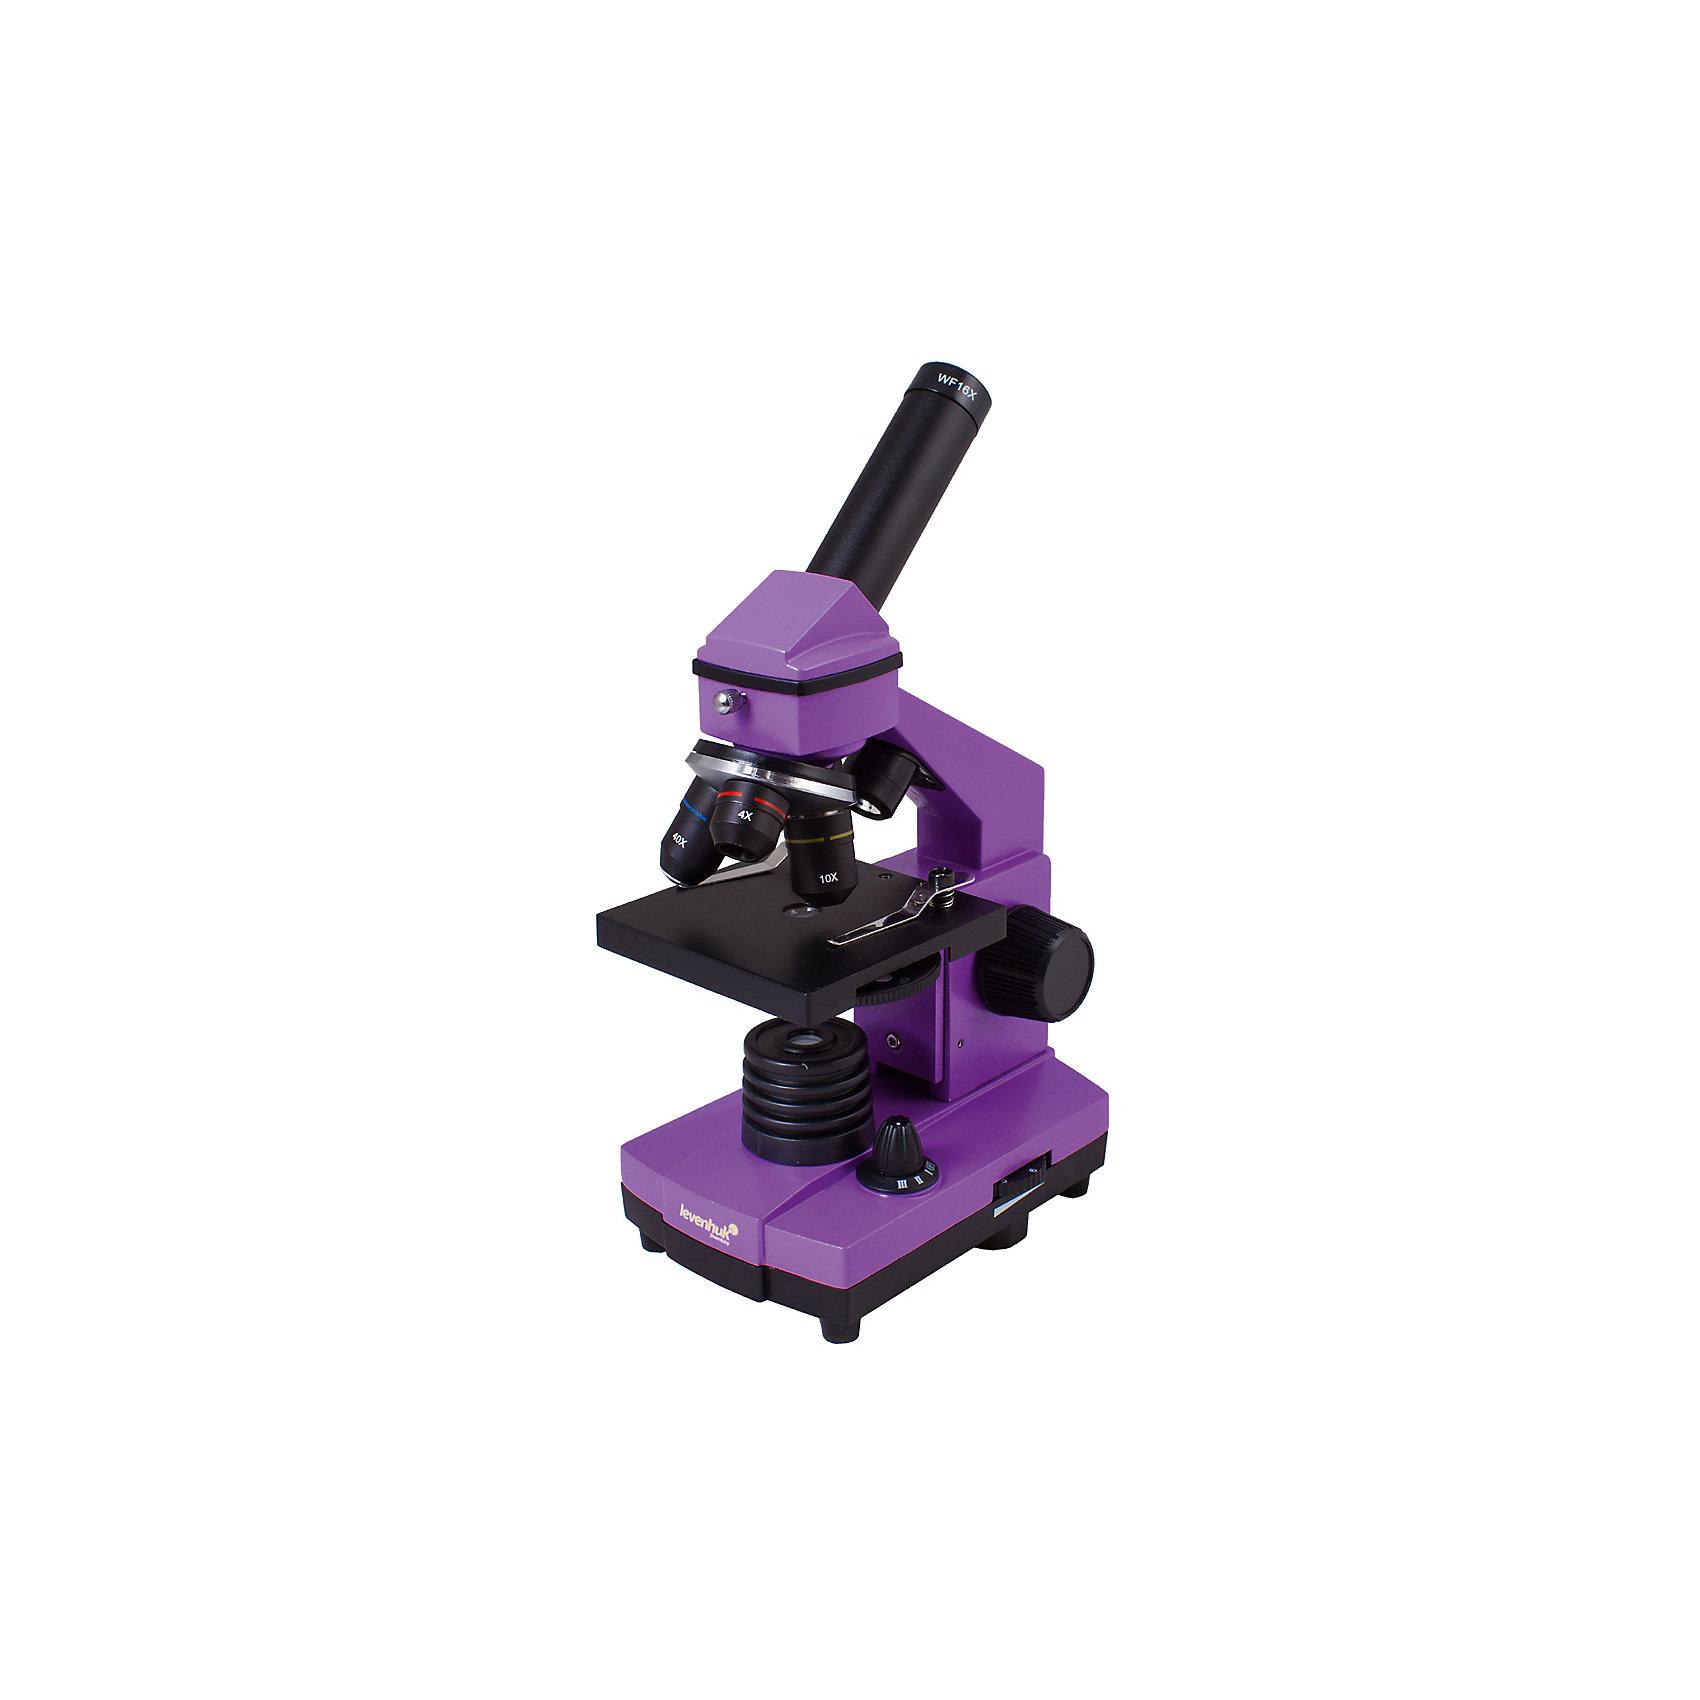 Микроскоп Levenhuk Rainbow 2L PLUS Amethyst\АметистМикроскопы<br>Характеристики товара:<br><br>• материал: металл, пластик<br>• увеличение: до 640 крат<br>• набор для опытов в комплекте<br>• прочный металлический корпус<br>• подсветка: светодиод<br>• лампа работает от батареек 3хАА<br>• комплектация: микроскоп, объективы: 4х, 10х и 40хs, окуляр: WF16x, Предметный столик с зажимами, диск с диафрагмами, конденсор, встроенные нижний и верхний осветители на светодиодах, сетевой адаптер (питание 220 В, 50 Гц), инструкция по эксплуатации и гарантийный талон, пинцет, инкубатор для артемии, микротом, флакон с дрожжами, флакон со смолой для изготовления препаратов, флакон с морской солью, флакон с артемией (морским рачком), 5 готовых образцов и 5 чистых предметных стекол, пипетка, пылезащитный чехол<br>• страна бренда: США<br>• страна производства: КНР<br><br>Собственный микроскоп - это отличный способ заинтересовать ребенка наукой и привить ему интерес к учебе. Эта модель микроскопа была разработана специально для детей - он позволяет увеличивать препарат в 640 крат, с помощью этого дети могут исследовать состав и структуру разнообразных предметов, веществ и организмов. Благодаря стильному дизайну этот микроскоп отлично вписывается в интерьер!<br><br>Оптические приборы от американской компании Levenhuk уже успели зарекомендовать себя как качественная и надежная продукция. Для их производства используются только безопасные и проверенные материалы. Такой прибор способен прослужить долго. Подарите ребенку интересную и полезную вещь!<br><br>Микроскоп Levenhuk Rainbow 2L PLUS Amethyst\Аметист от известного бренда Levenhuk (Левенгук) можно купить в нашем интернет-магазине.<br><br>Ширина мм: 230<br>Глубина мм: 150<br>Высота мм: 370<br>Вес г: 1840<br>Возраст от месяцев: 60<br>Возраст до месяцев: 2147483647<br>Пол: Унисекс<br>Возраст: Детский<br>SKU: 5435275